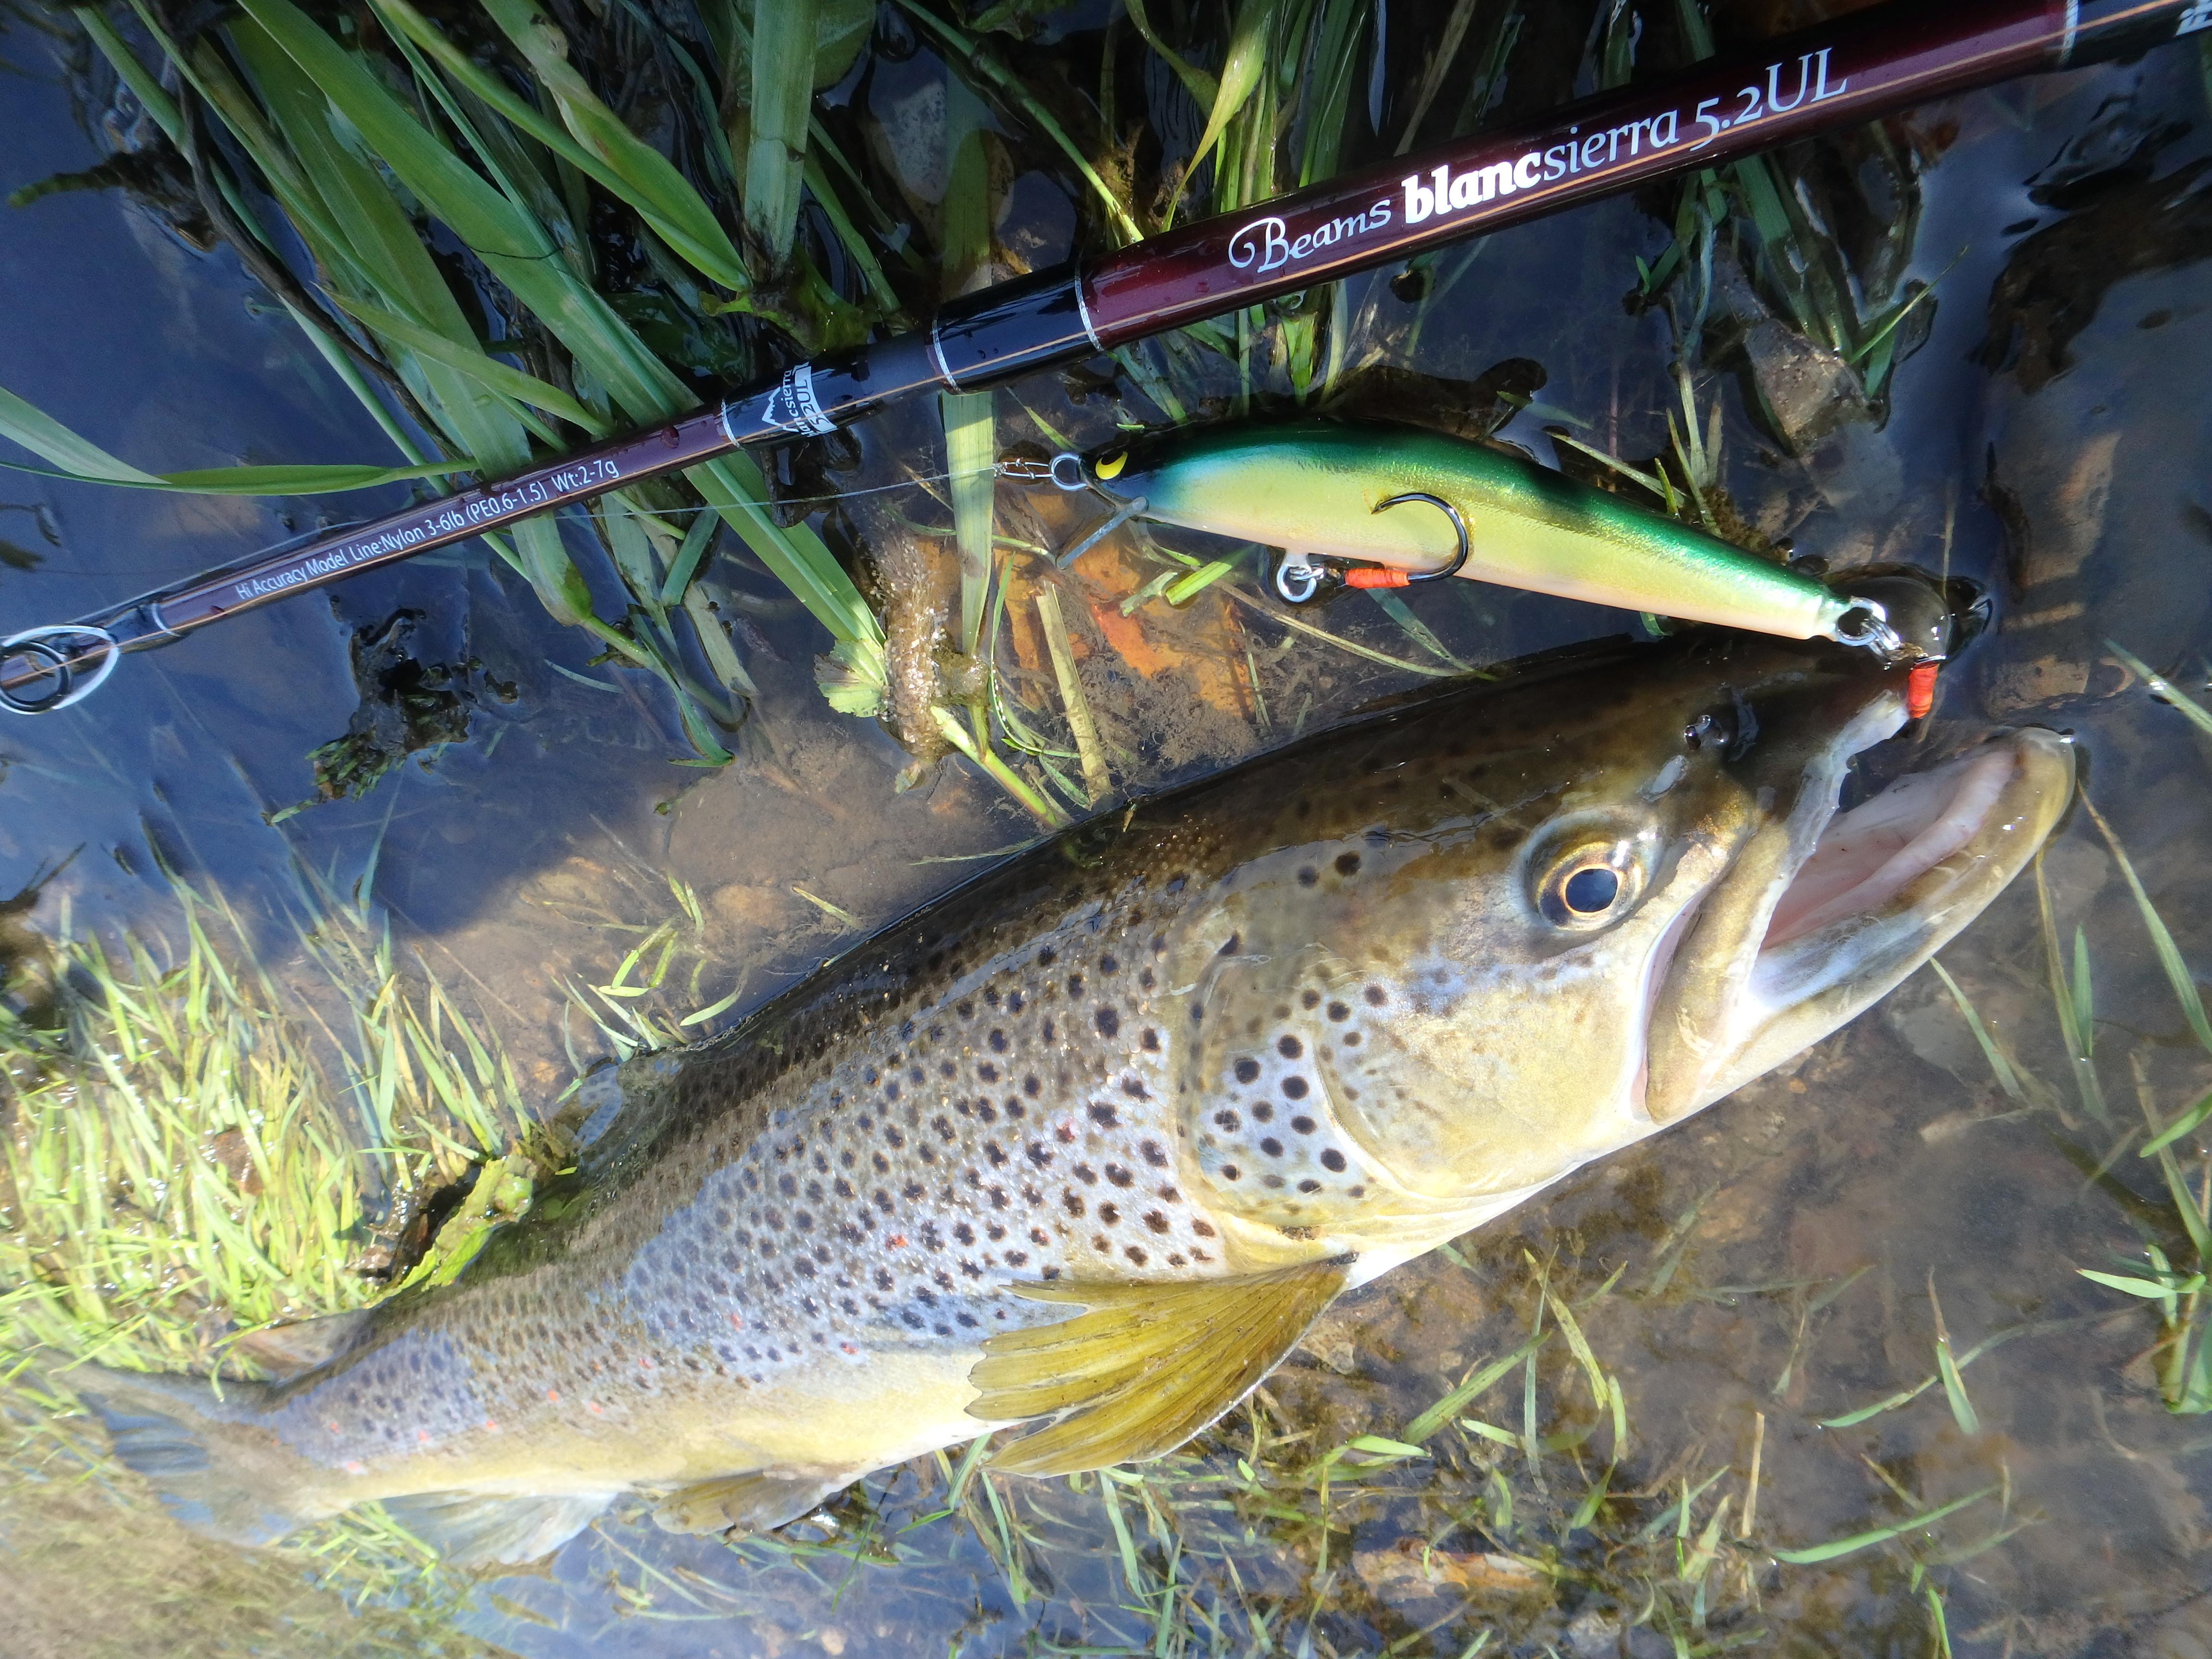 友人に作って貰ったハンドメイドバルサミノーで釣ろうと投げ倒して来ました。